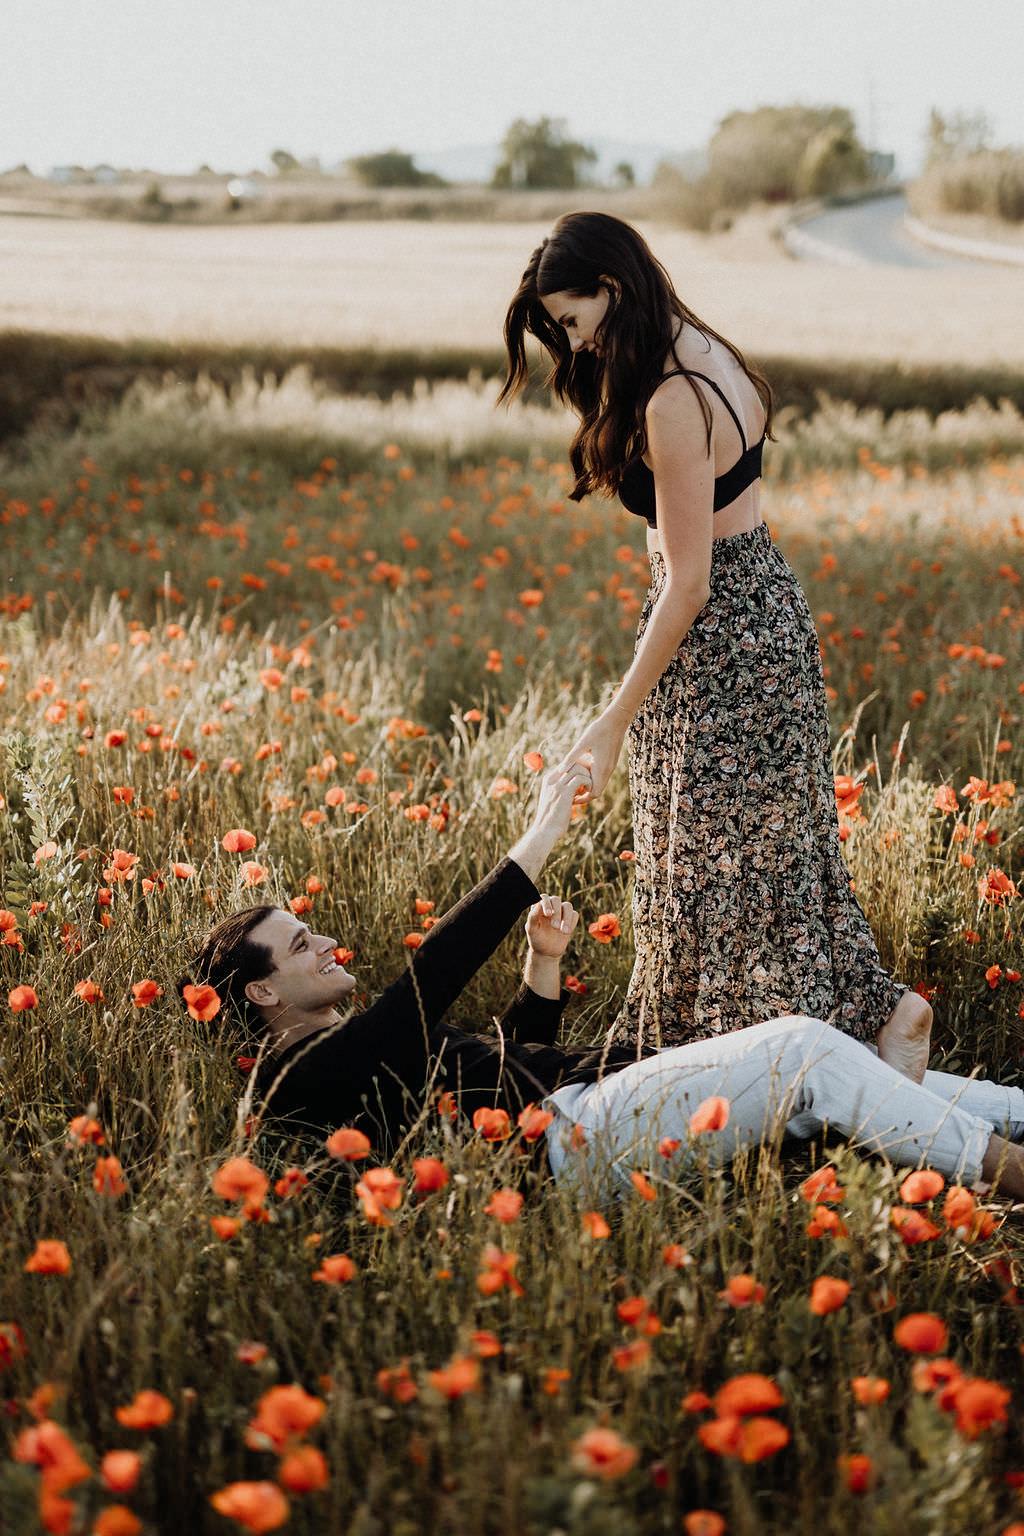 Flowering Love by Svetlana Dubovenko